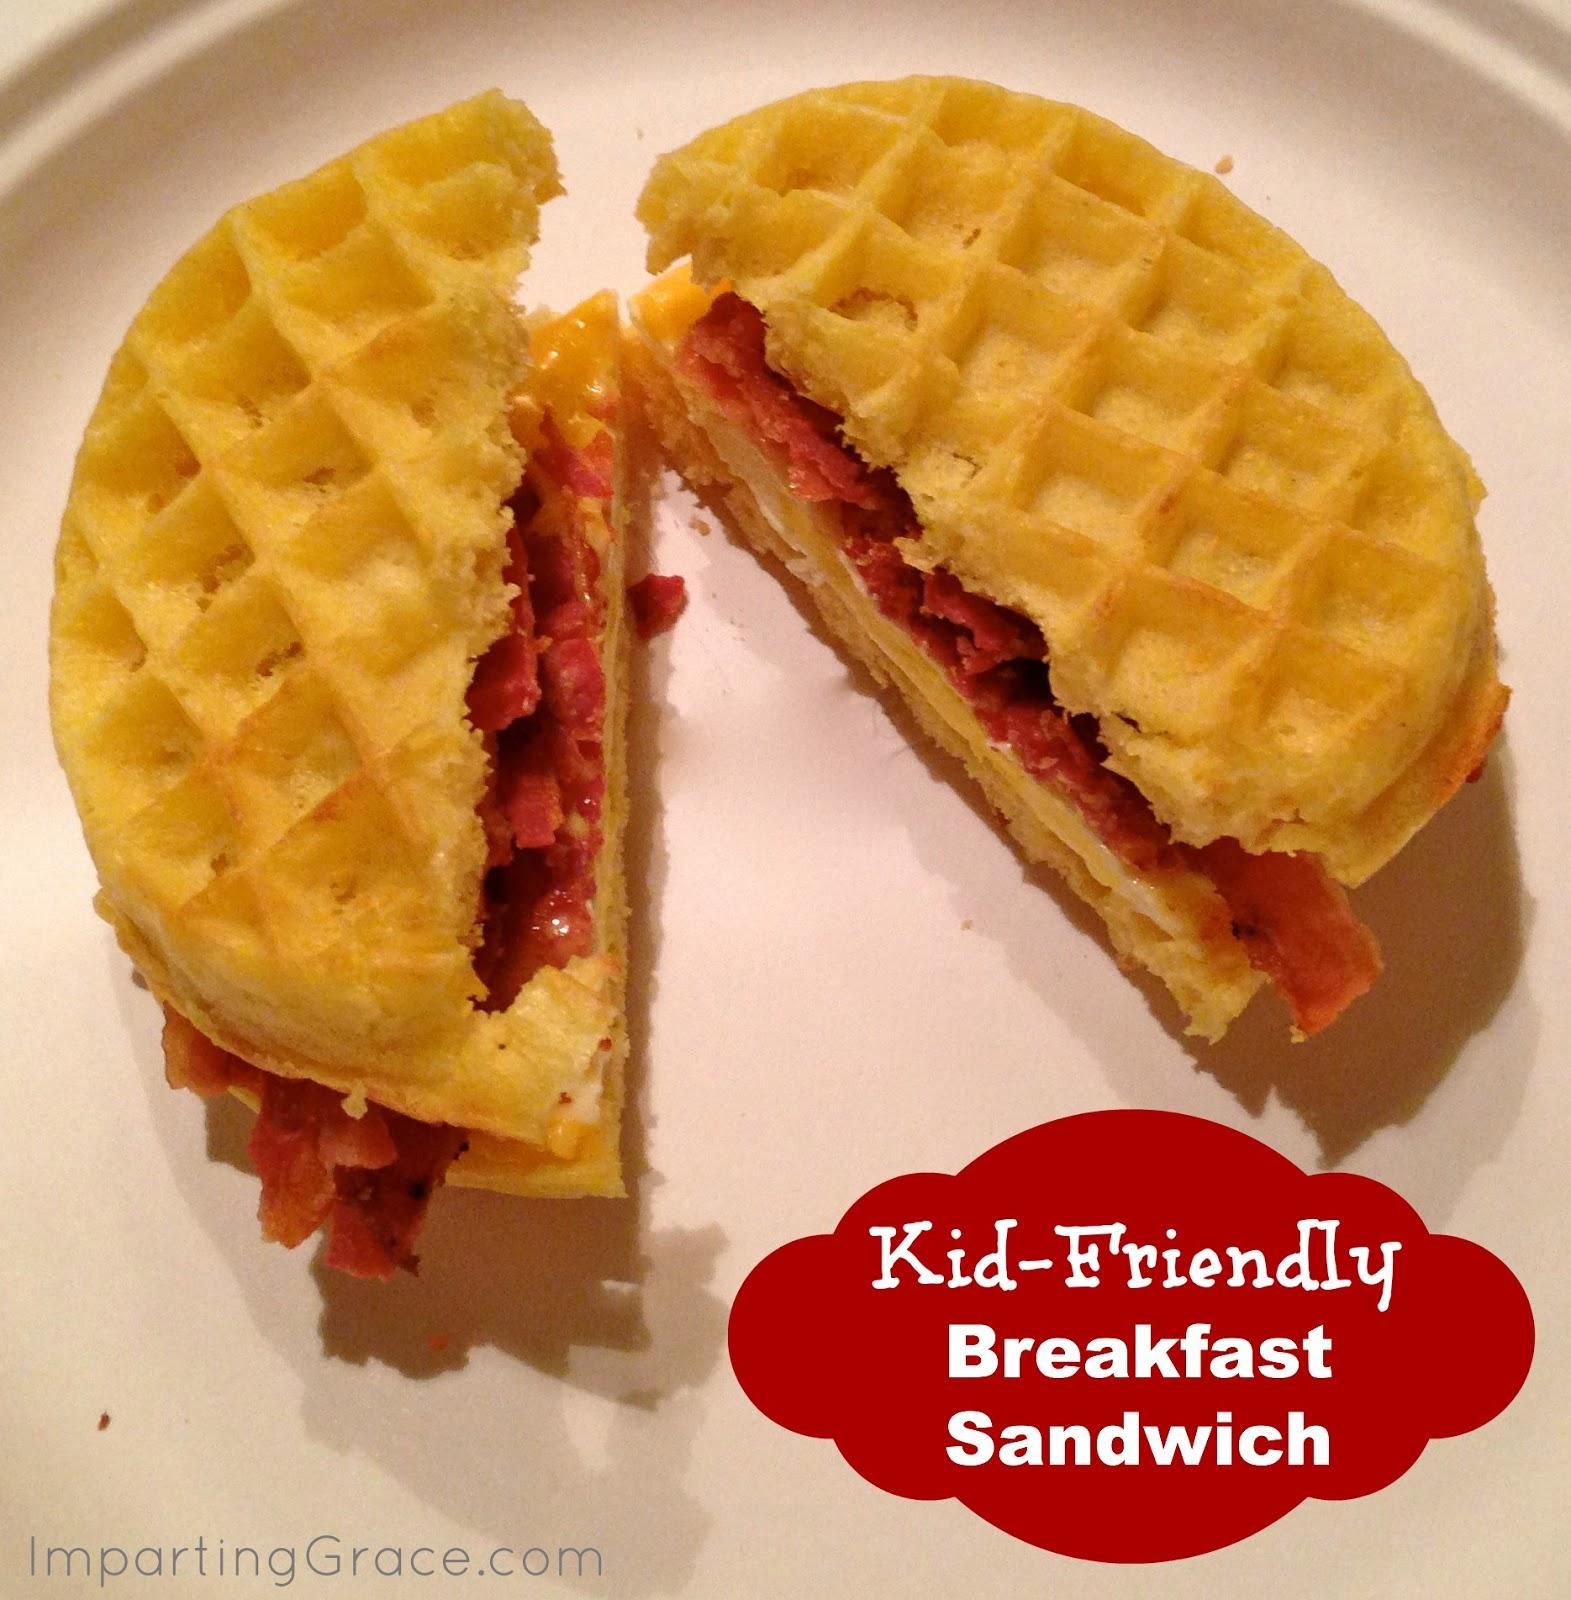 Kid Friendly Backyard Landscaping: Imparting Grace: Kid-friendly Breakfast Sandwich: The